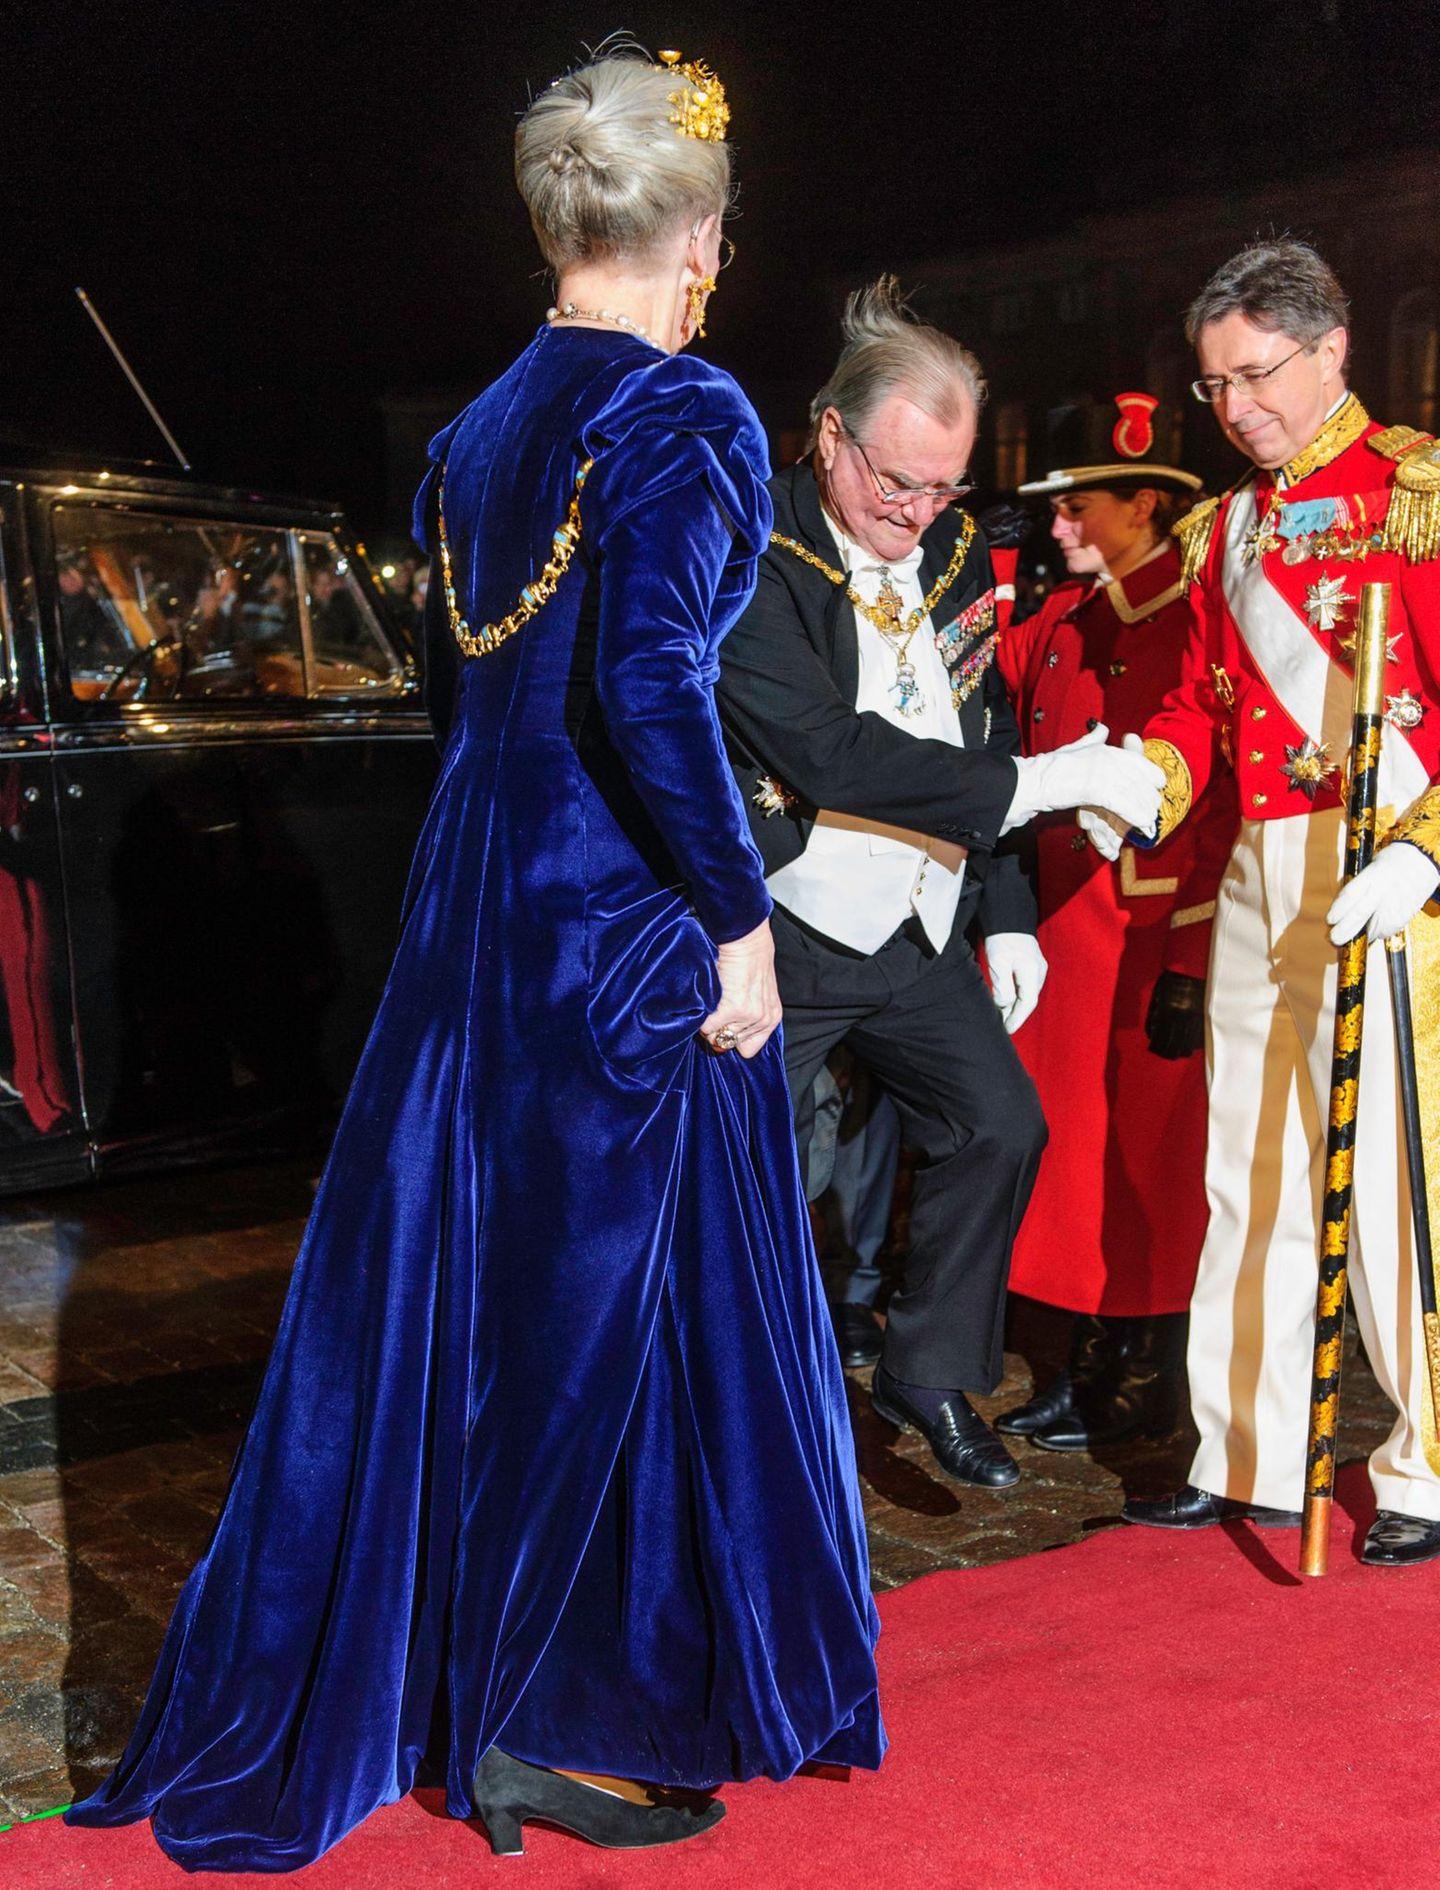 Nicht sehr passend: Königin Margrethe von Dänemark trägt ein blaues Samtkleid und dazu schwarze Wildlederschuhe.